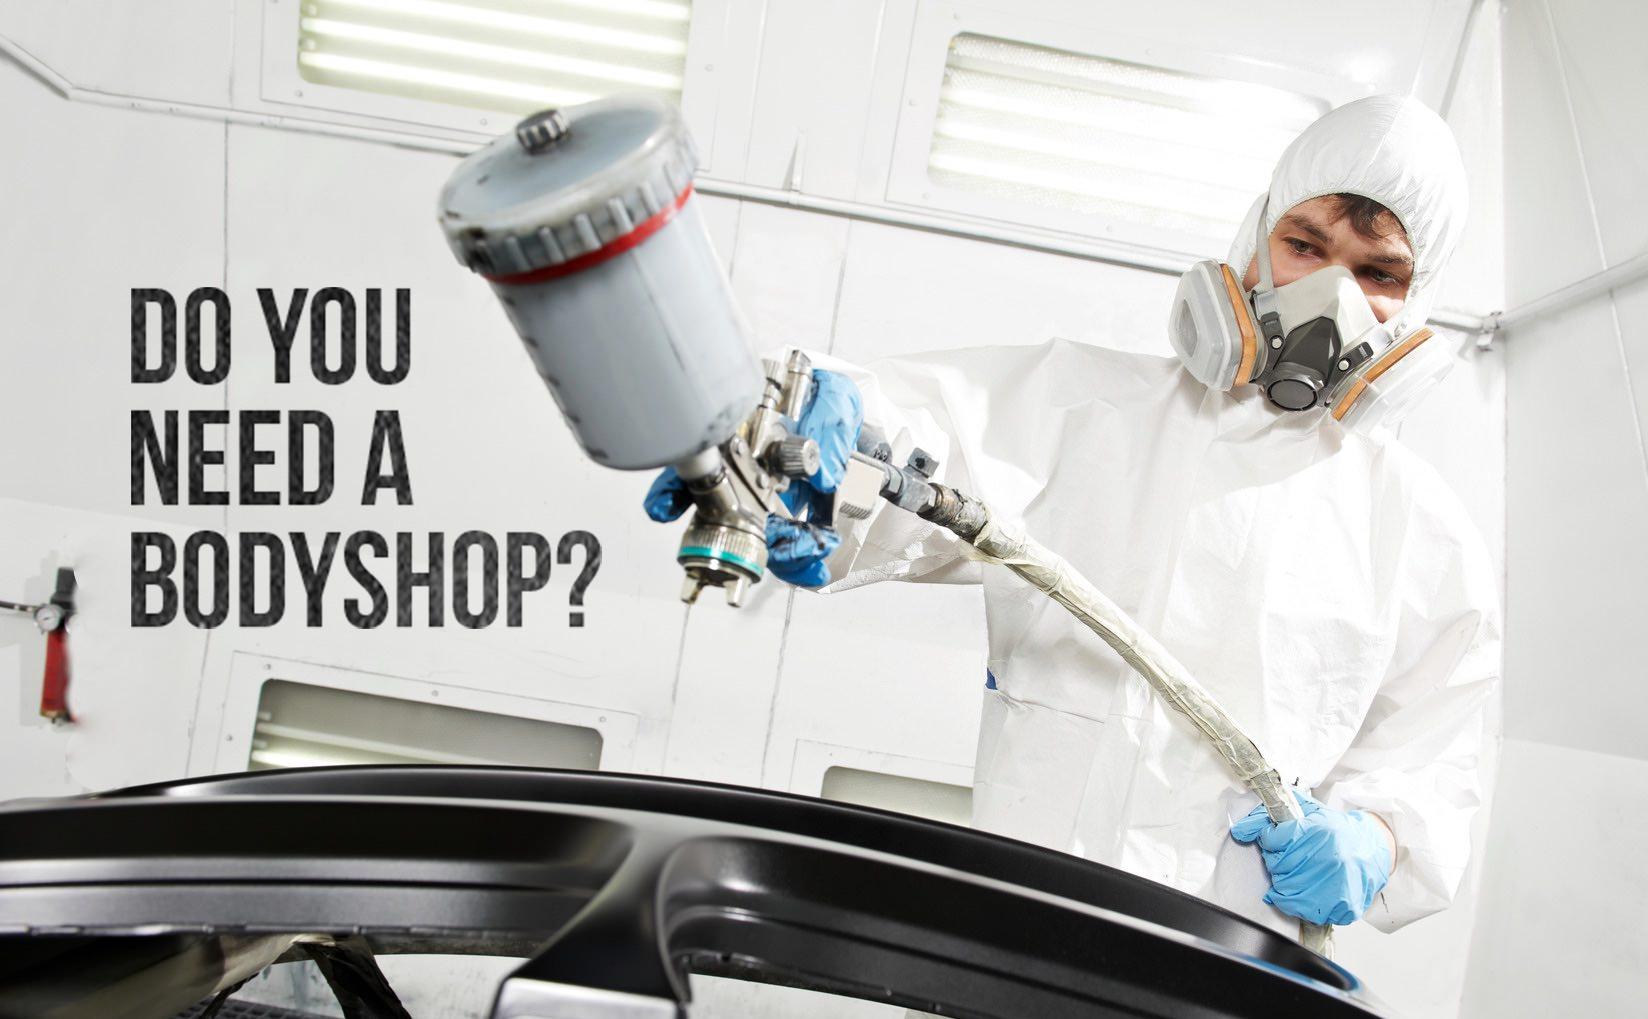 Do You Need a Bodyshop?